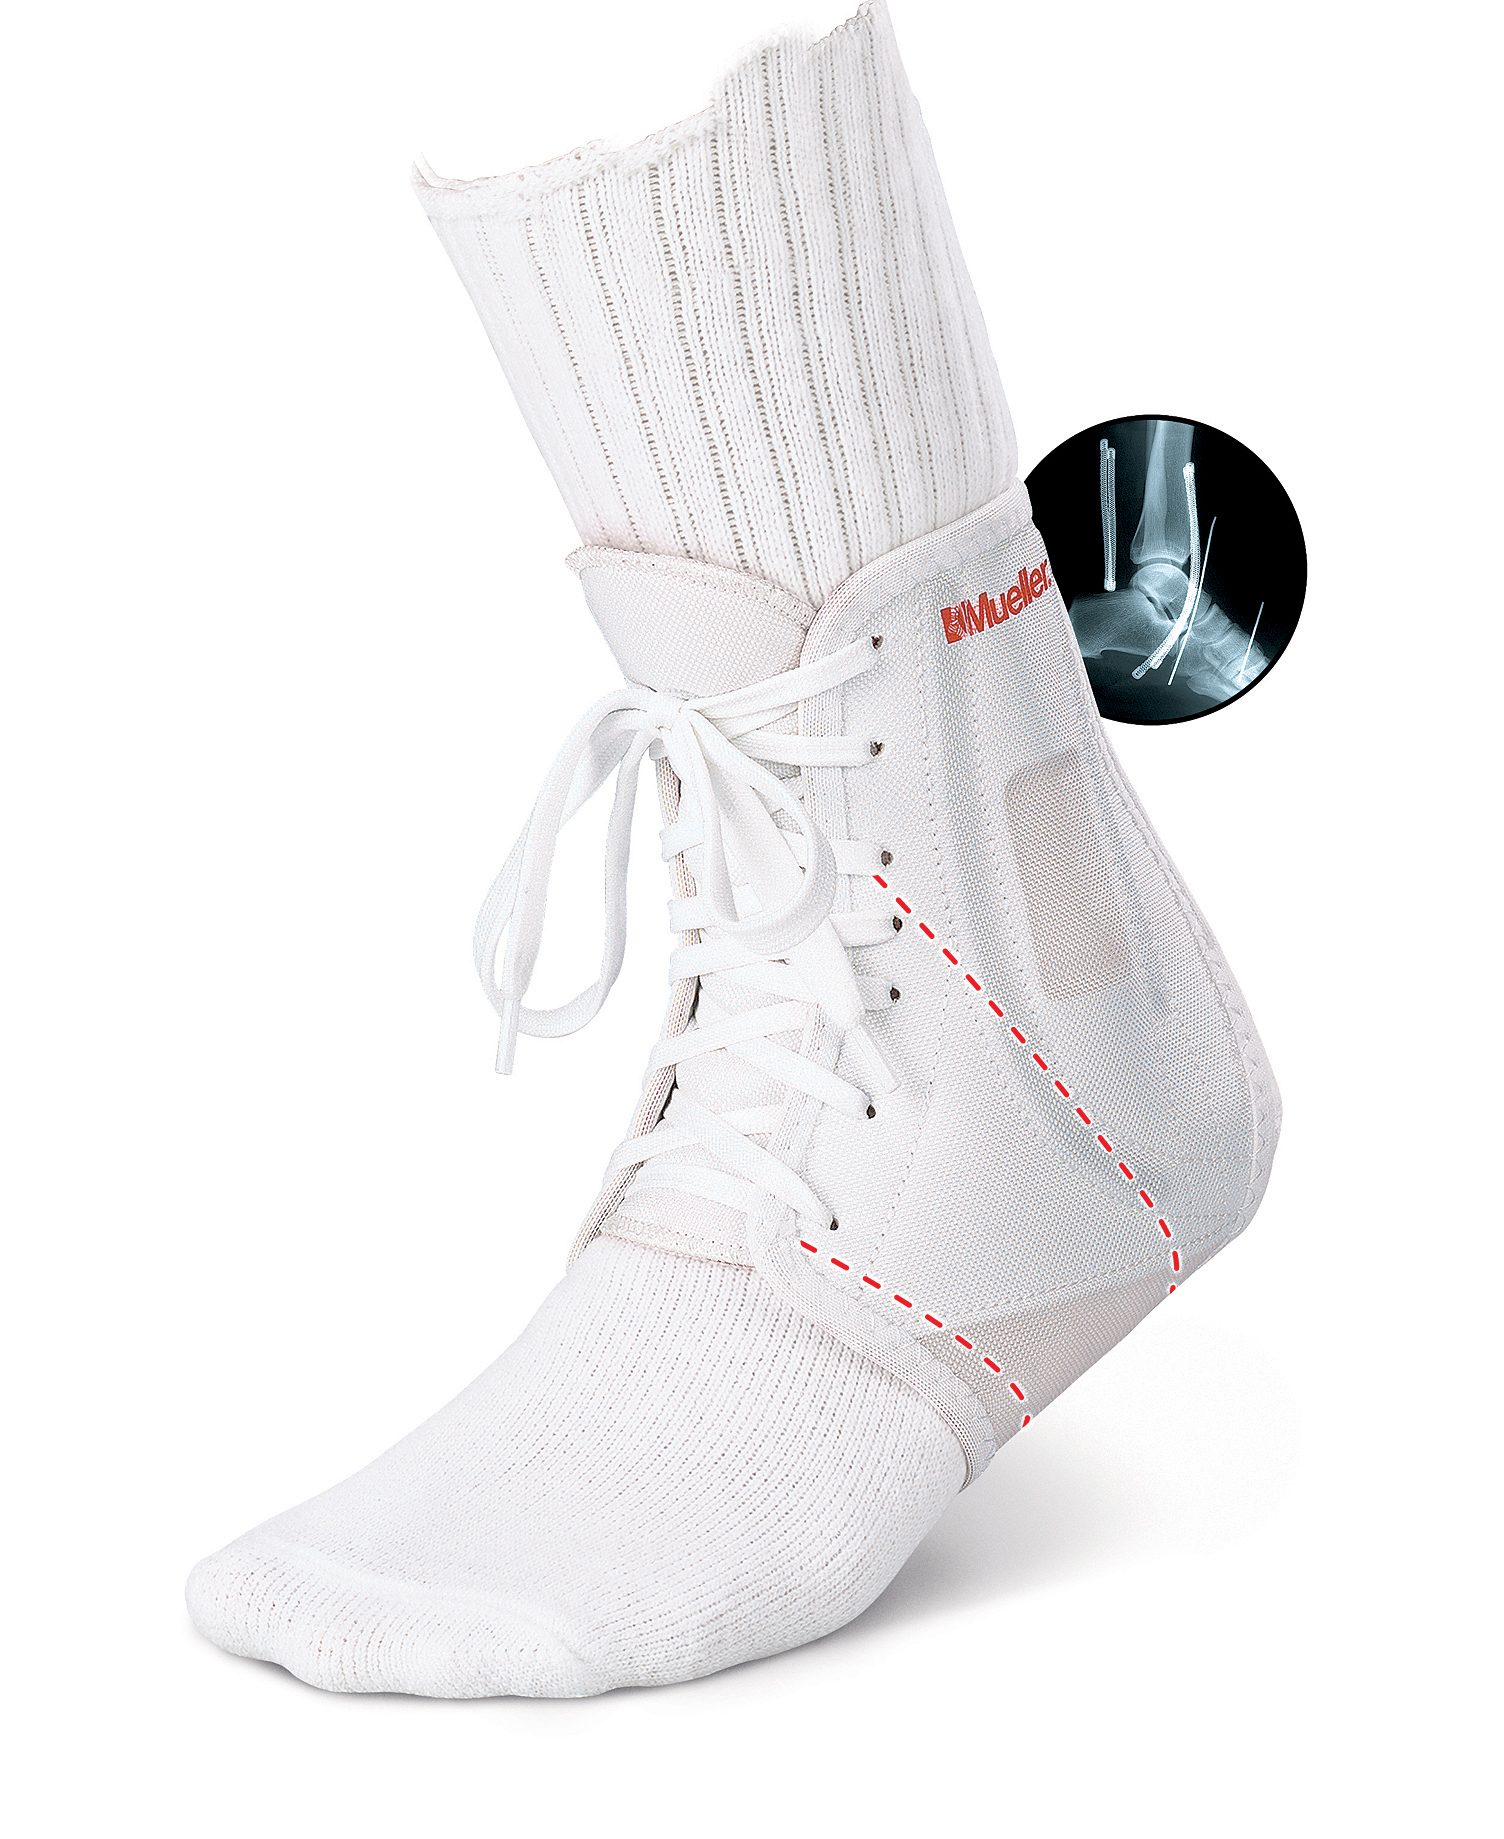 pro-level-atf-ankle-brace-white-md-212md-74676212135-lr.jpg